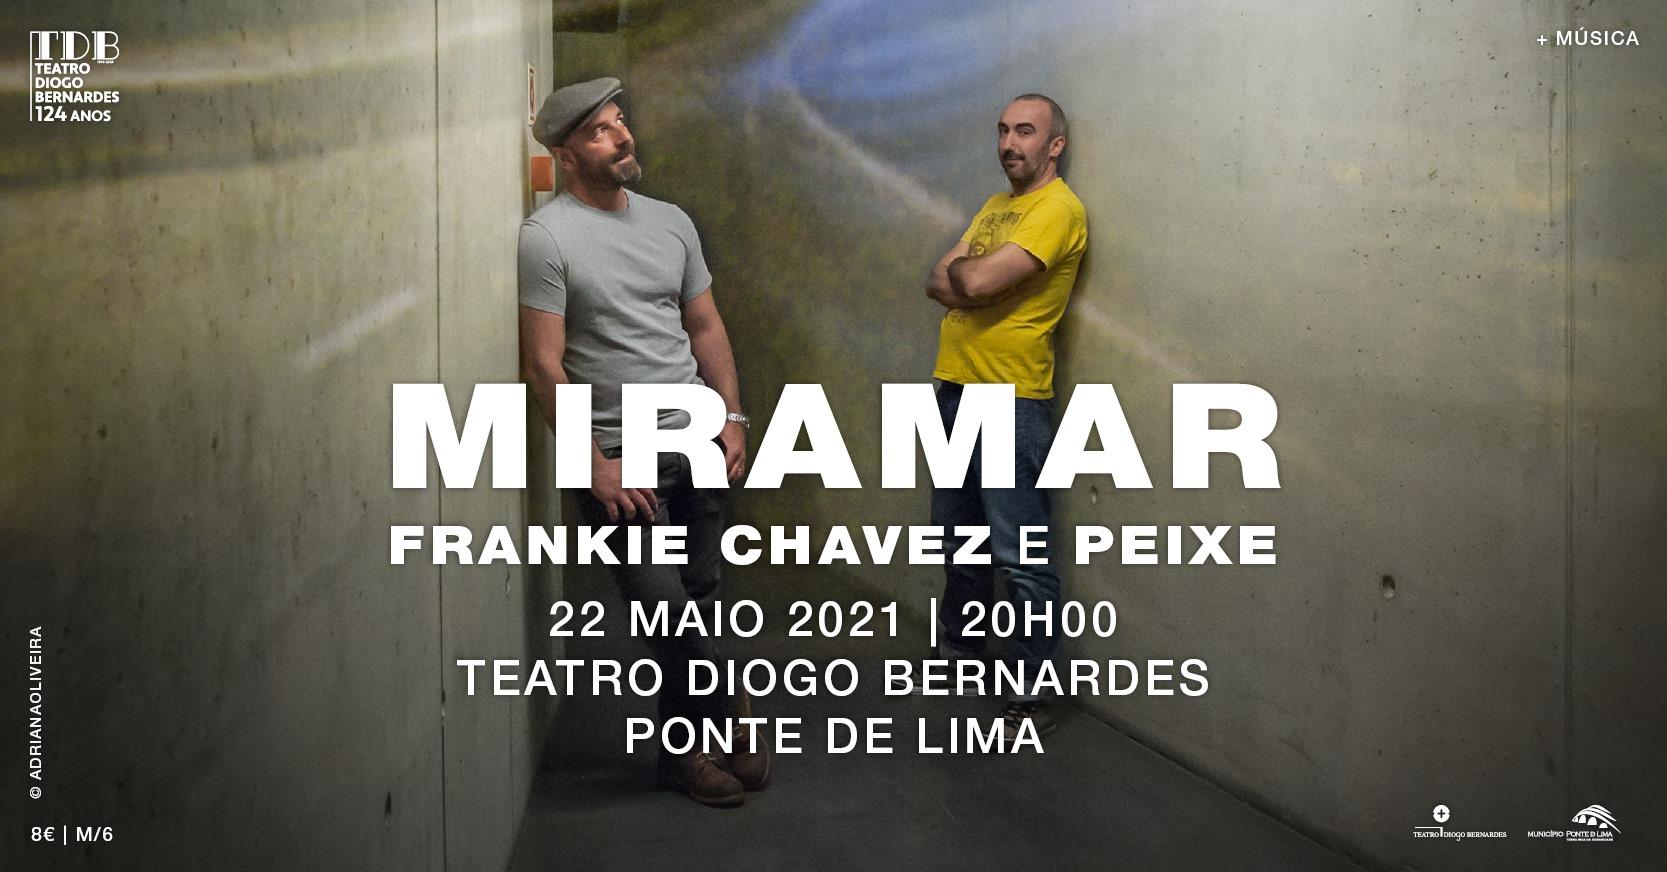 Miramar | Frankie Chavez e Peixe - Teatro Diogo Bernardes | Ponte de Lima